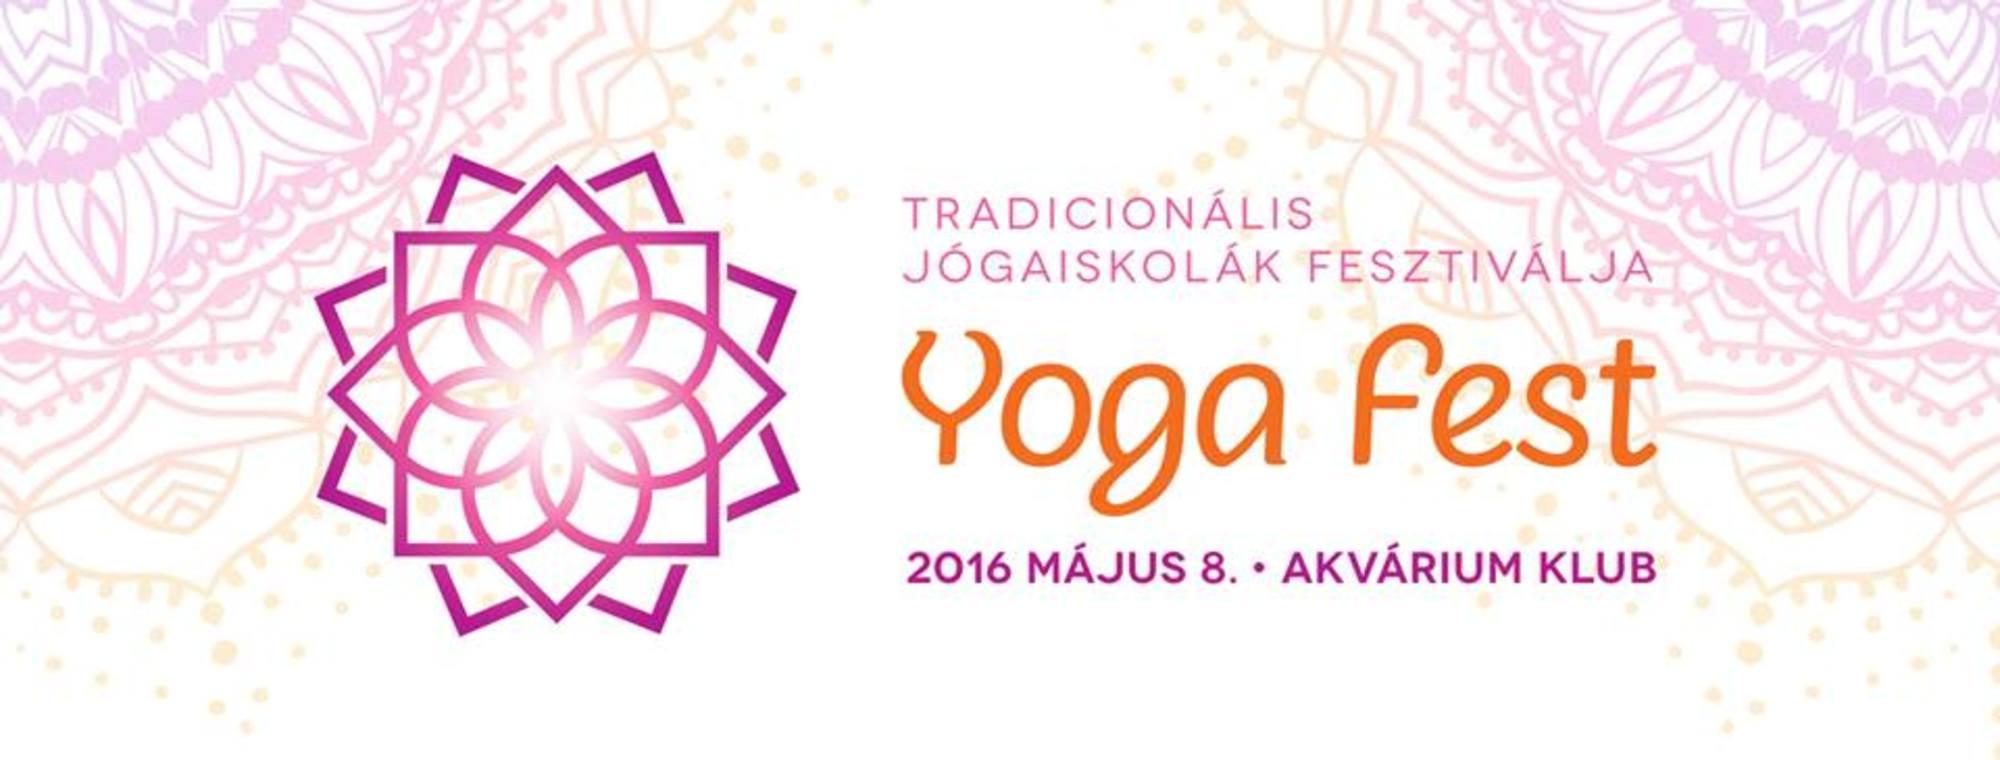 Yoga Fest – Tradicionális Jógaiskolák Fesztiválja